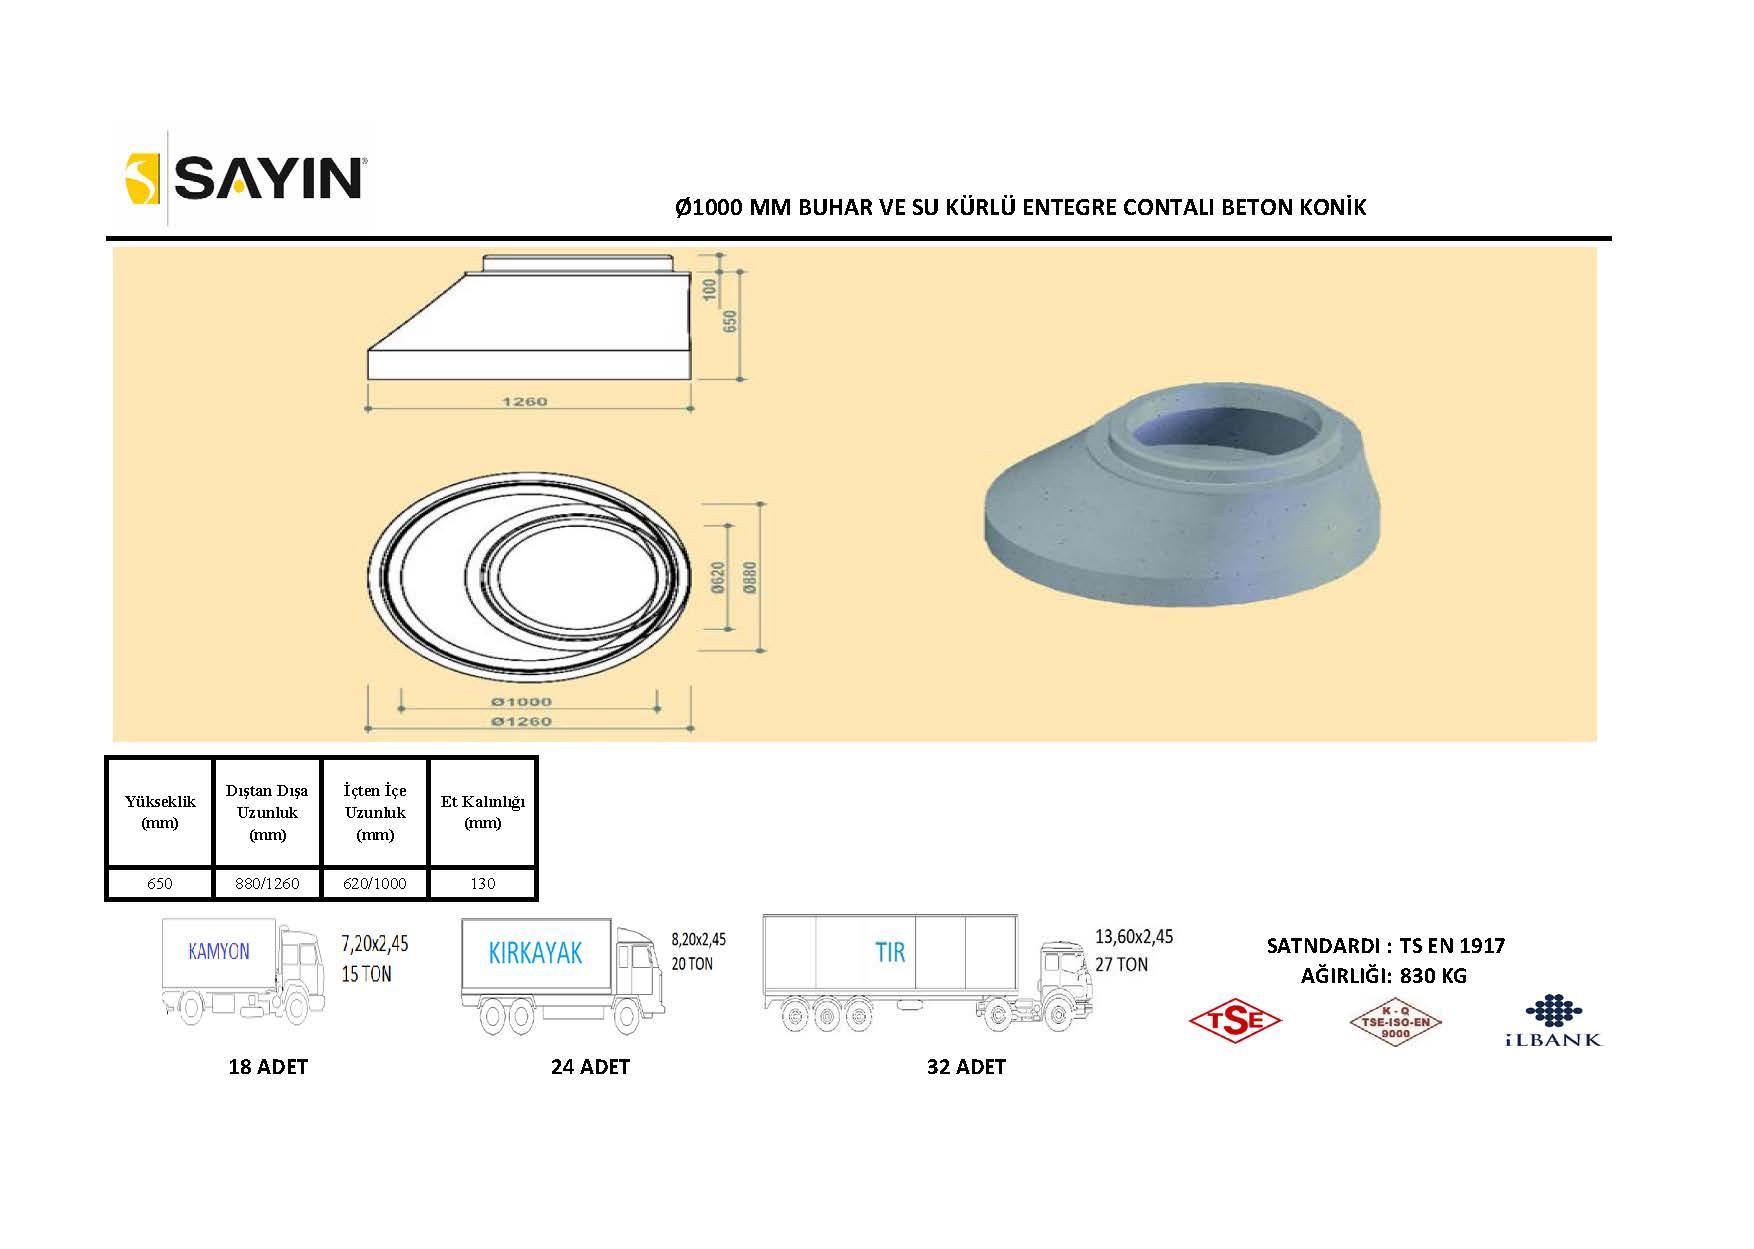 https://www.sayinprefabrik.com.tr/wp-content/uploads/2018/09/Taşıma-Kapasite-Çalışması_Sayfa_19.jpg